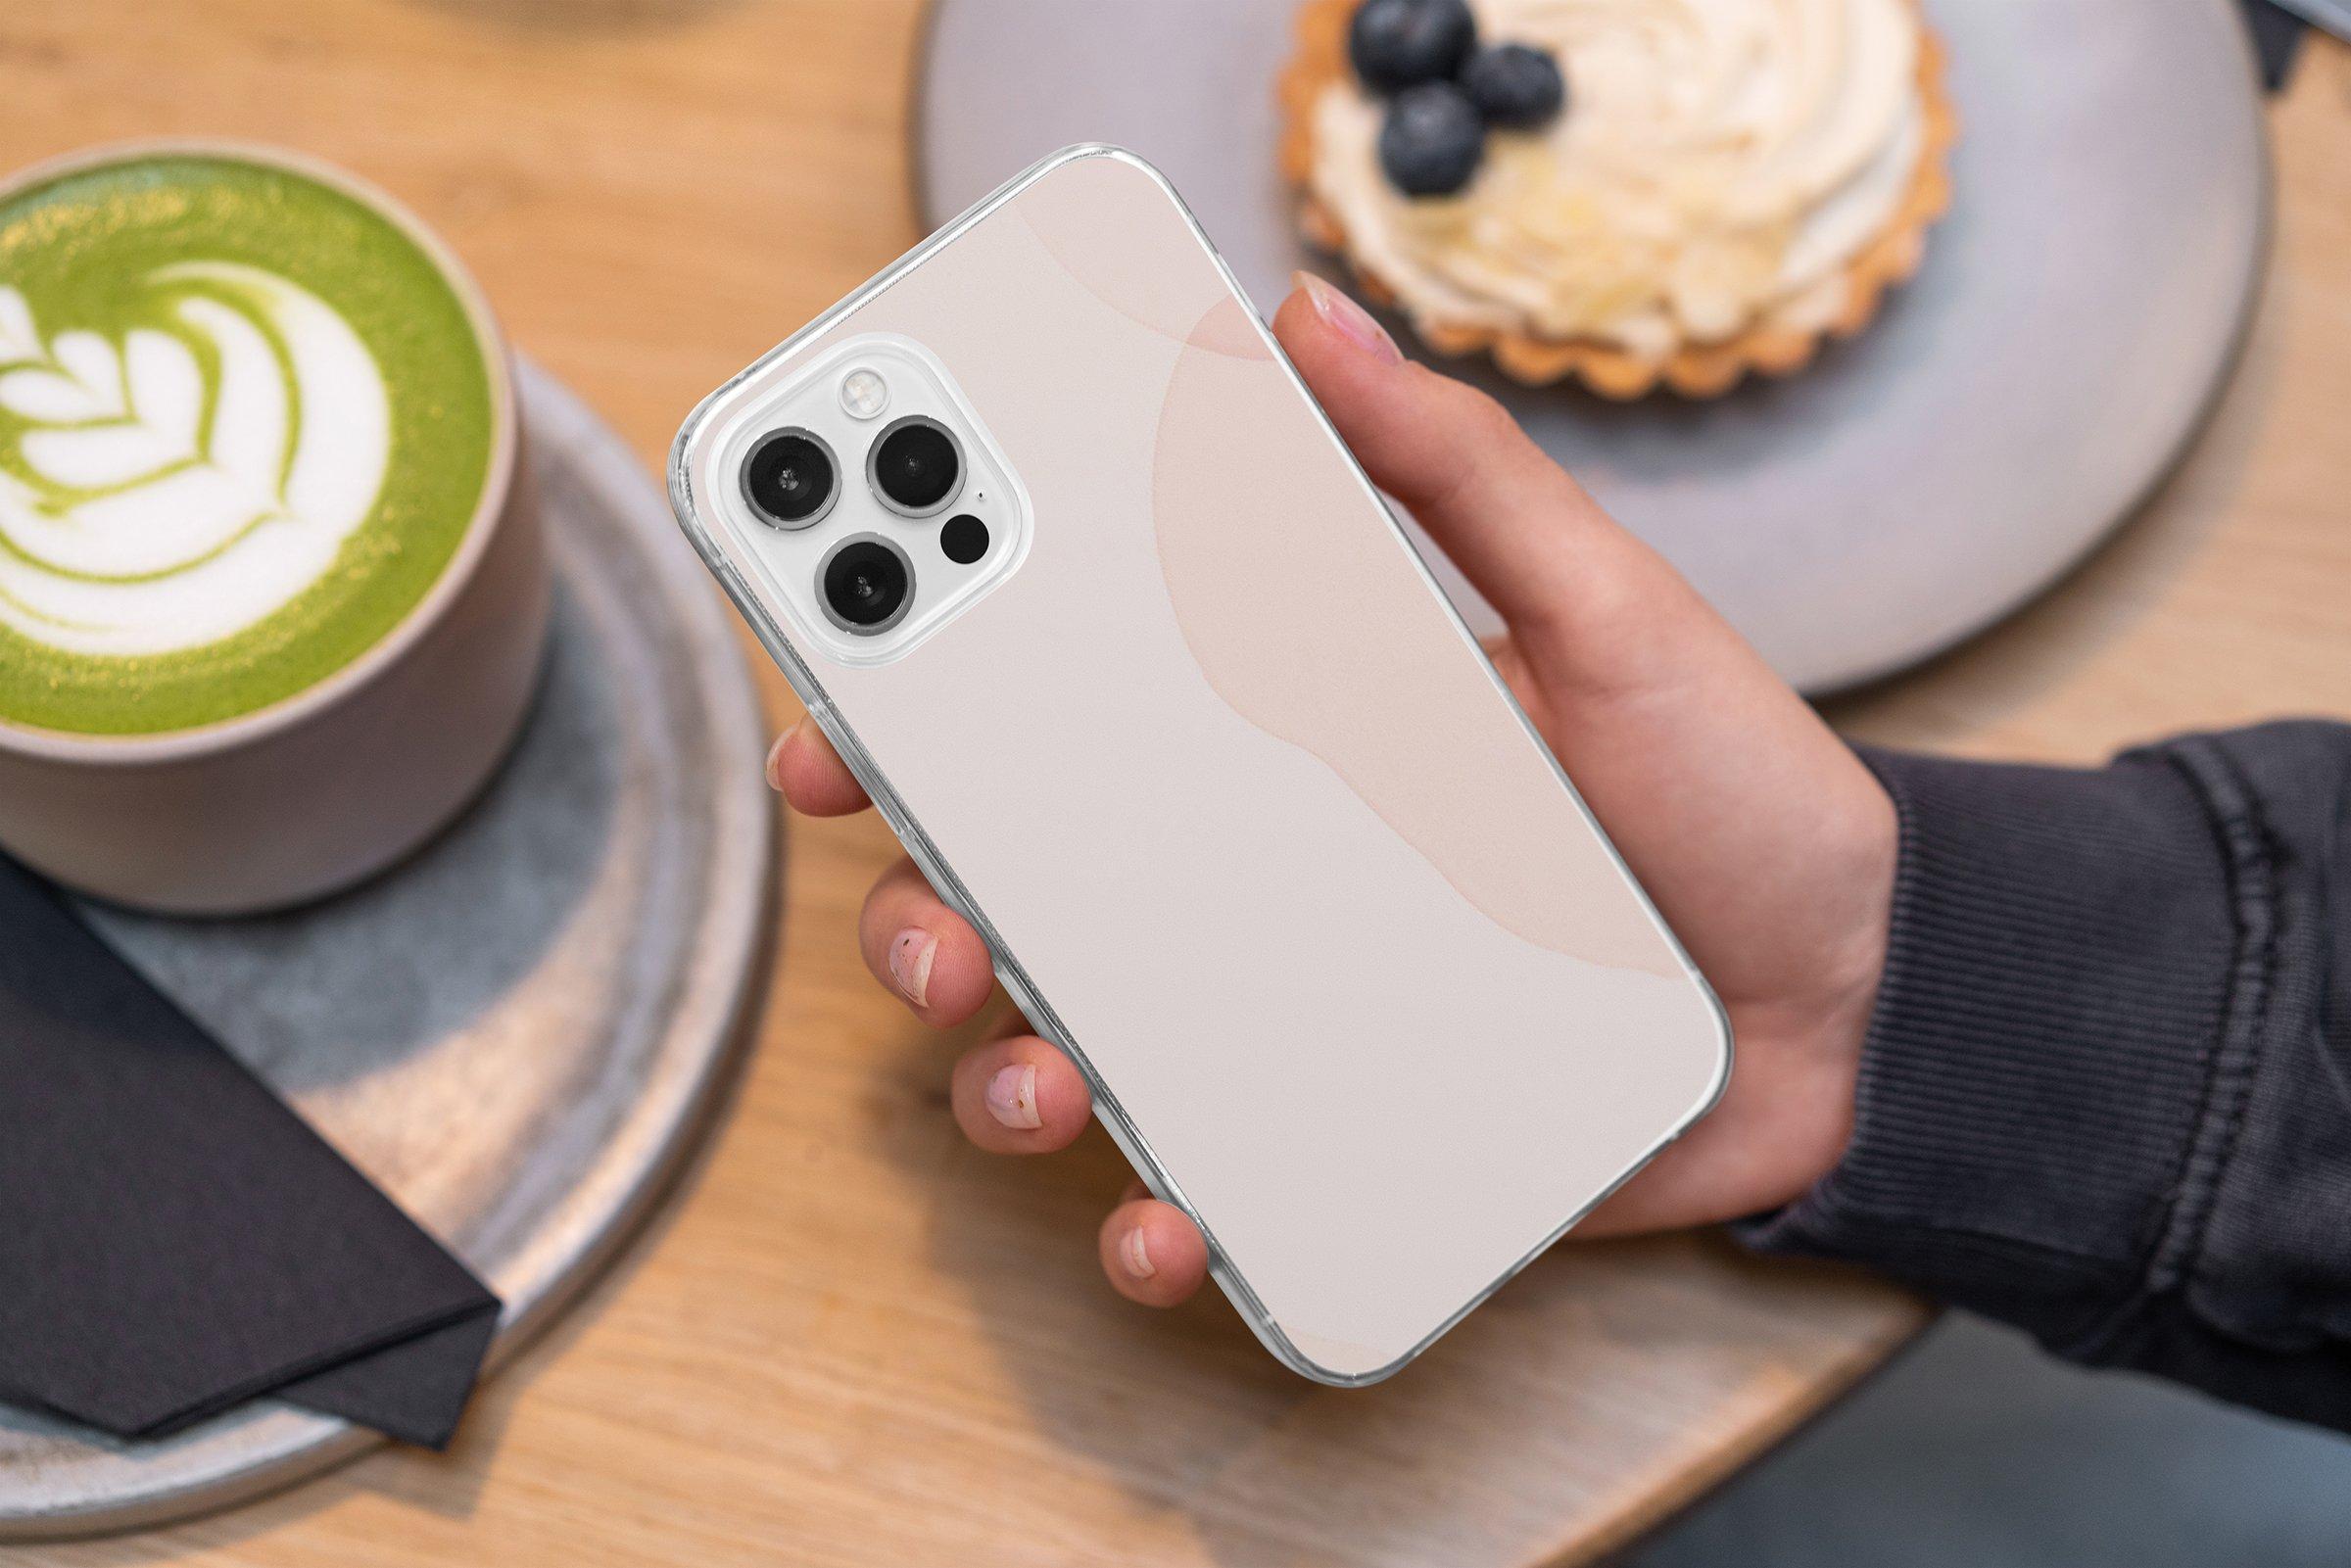 15款时尚苹果iPhone 12手机保护壳设计PS智能贴图样机模板 iPhone 12 Clear Case MockUp Vol.2插图10